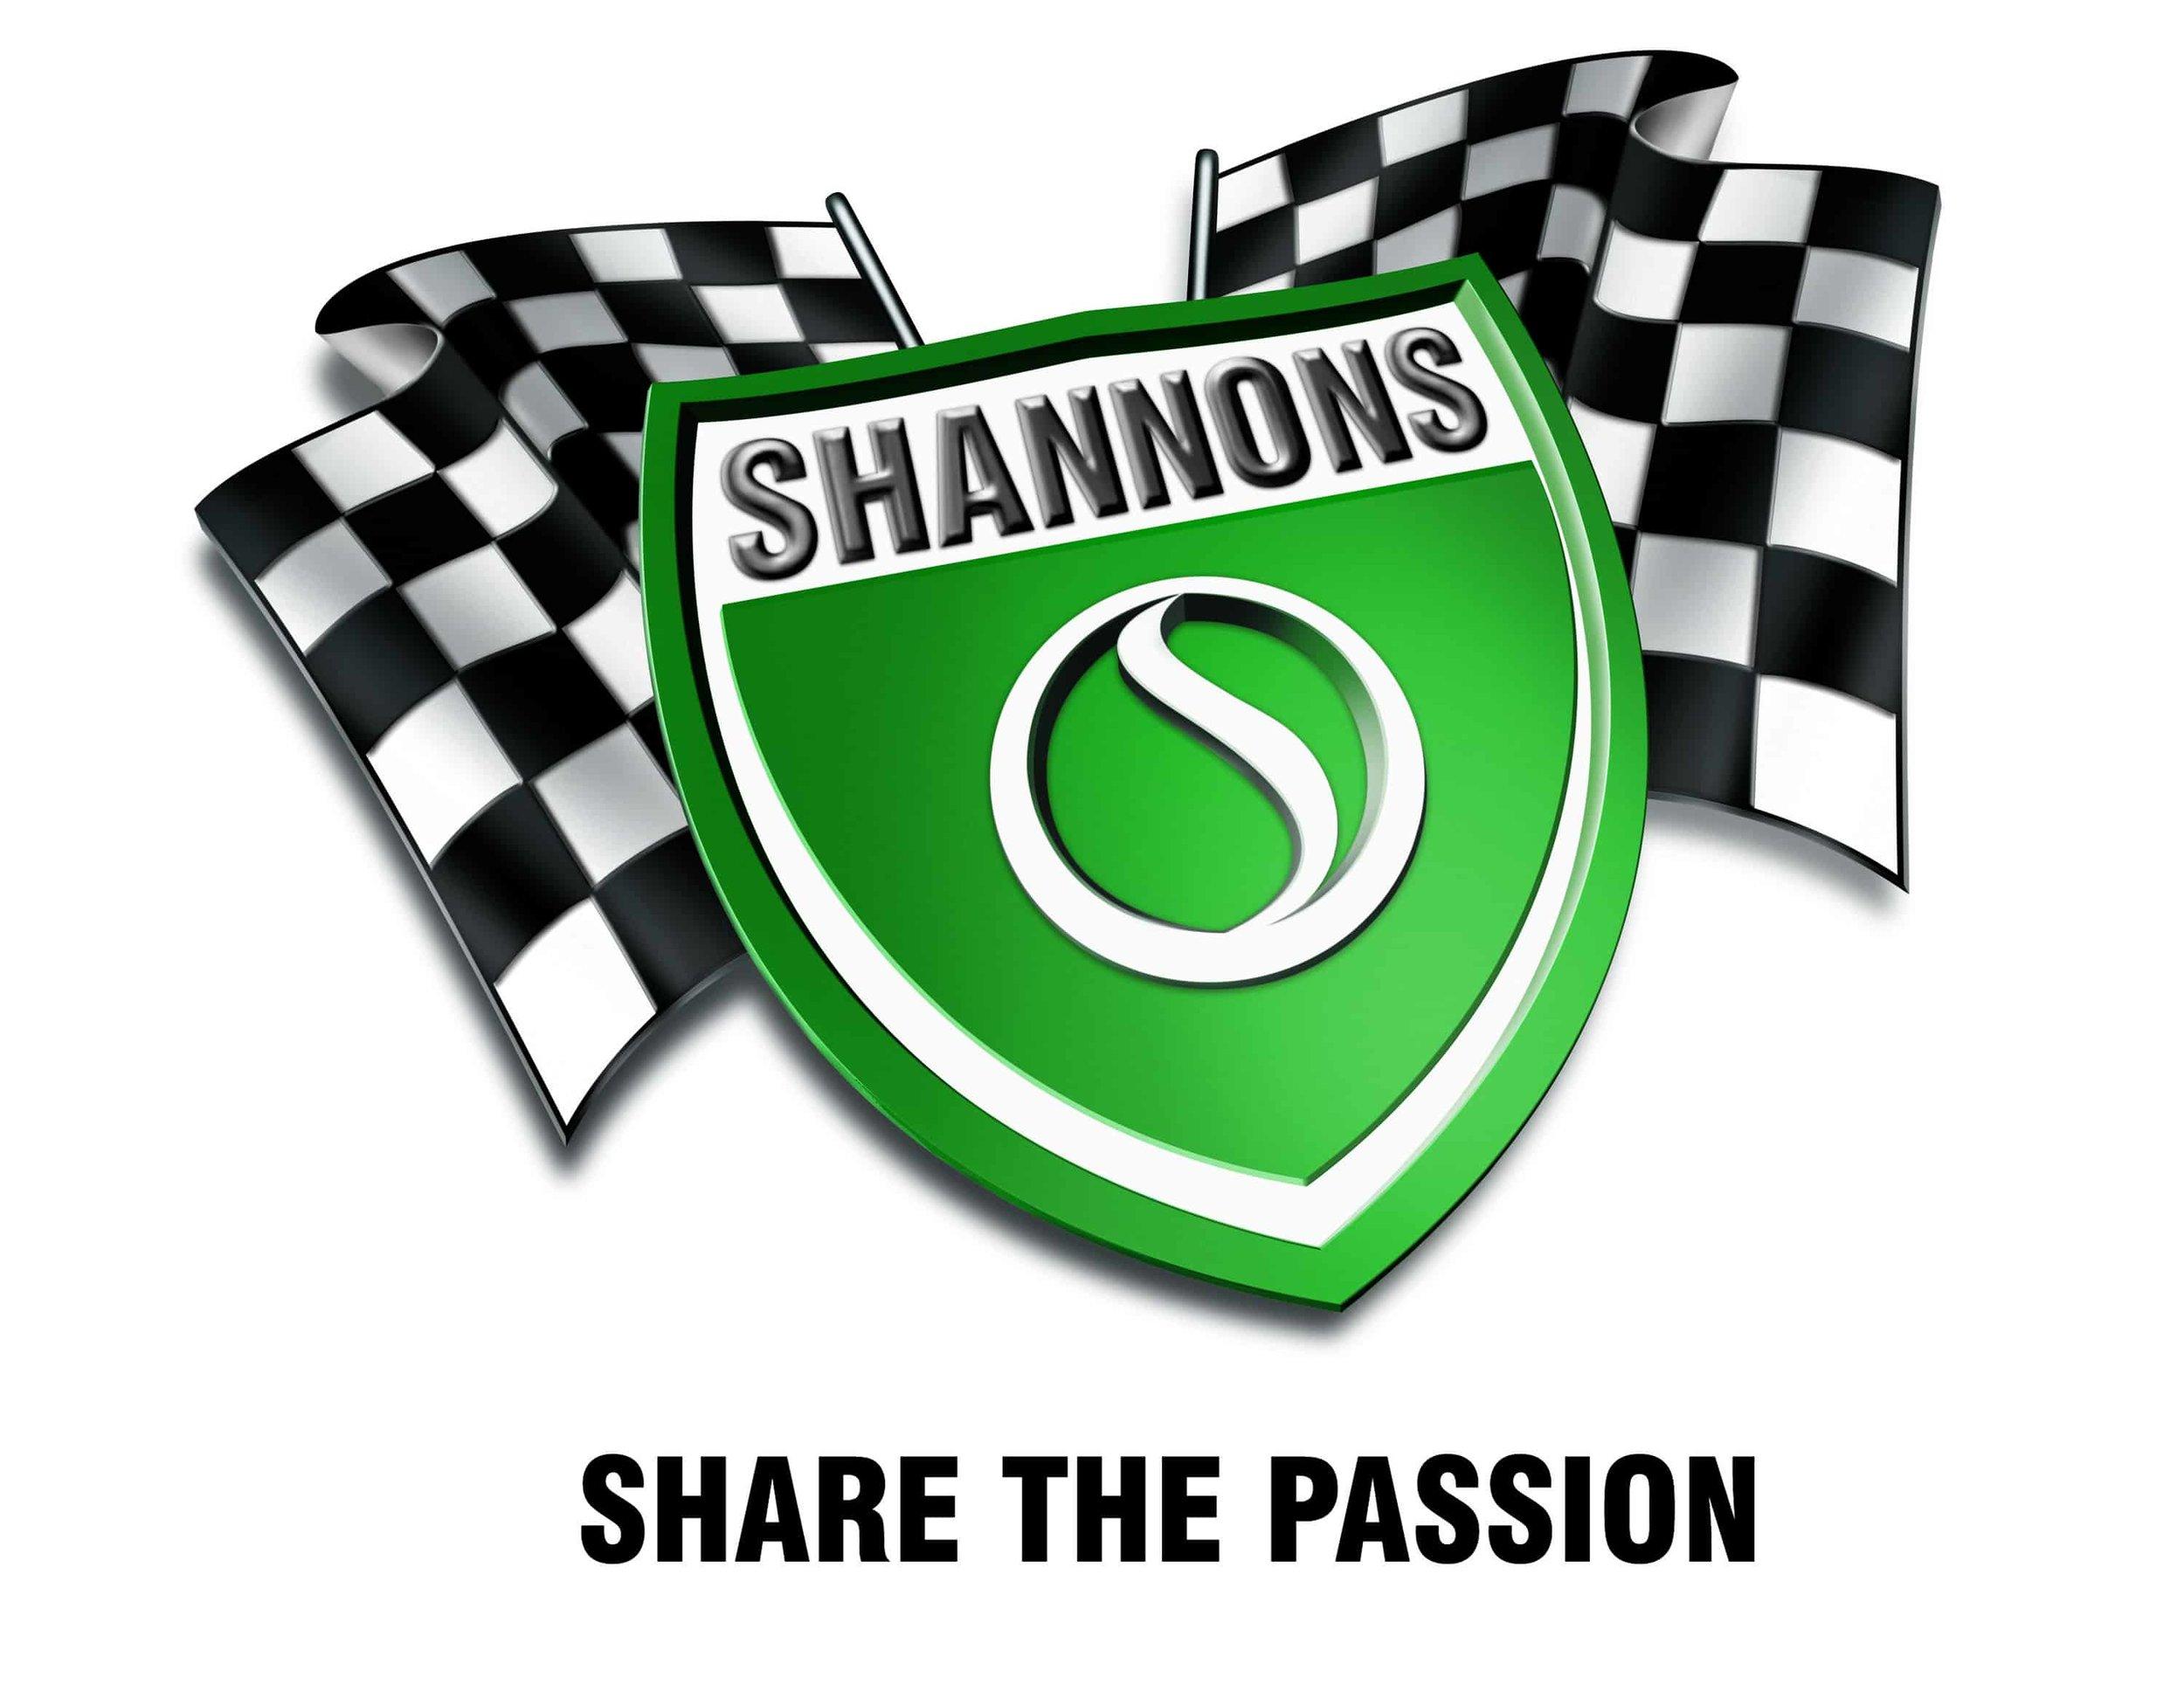 shannons-logo.jpg